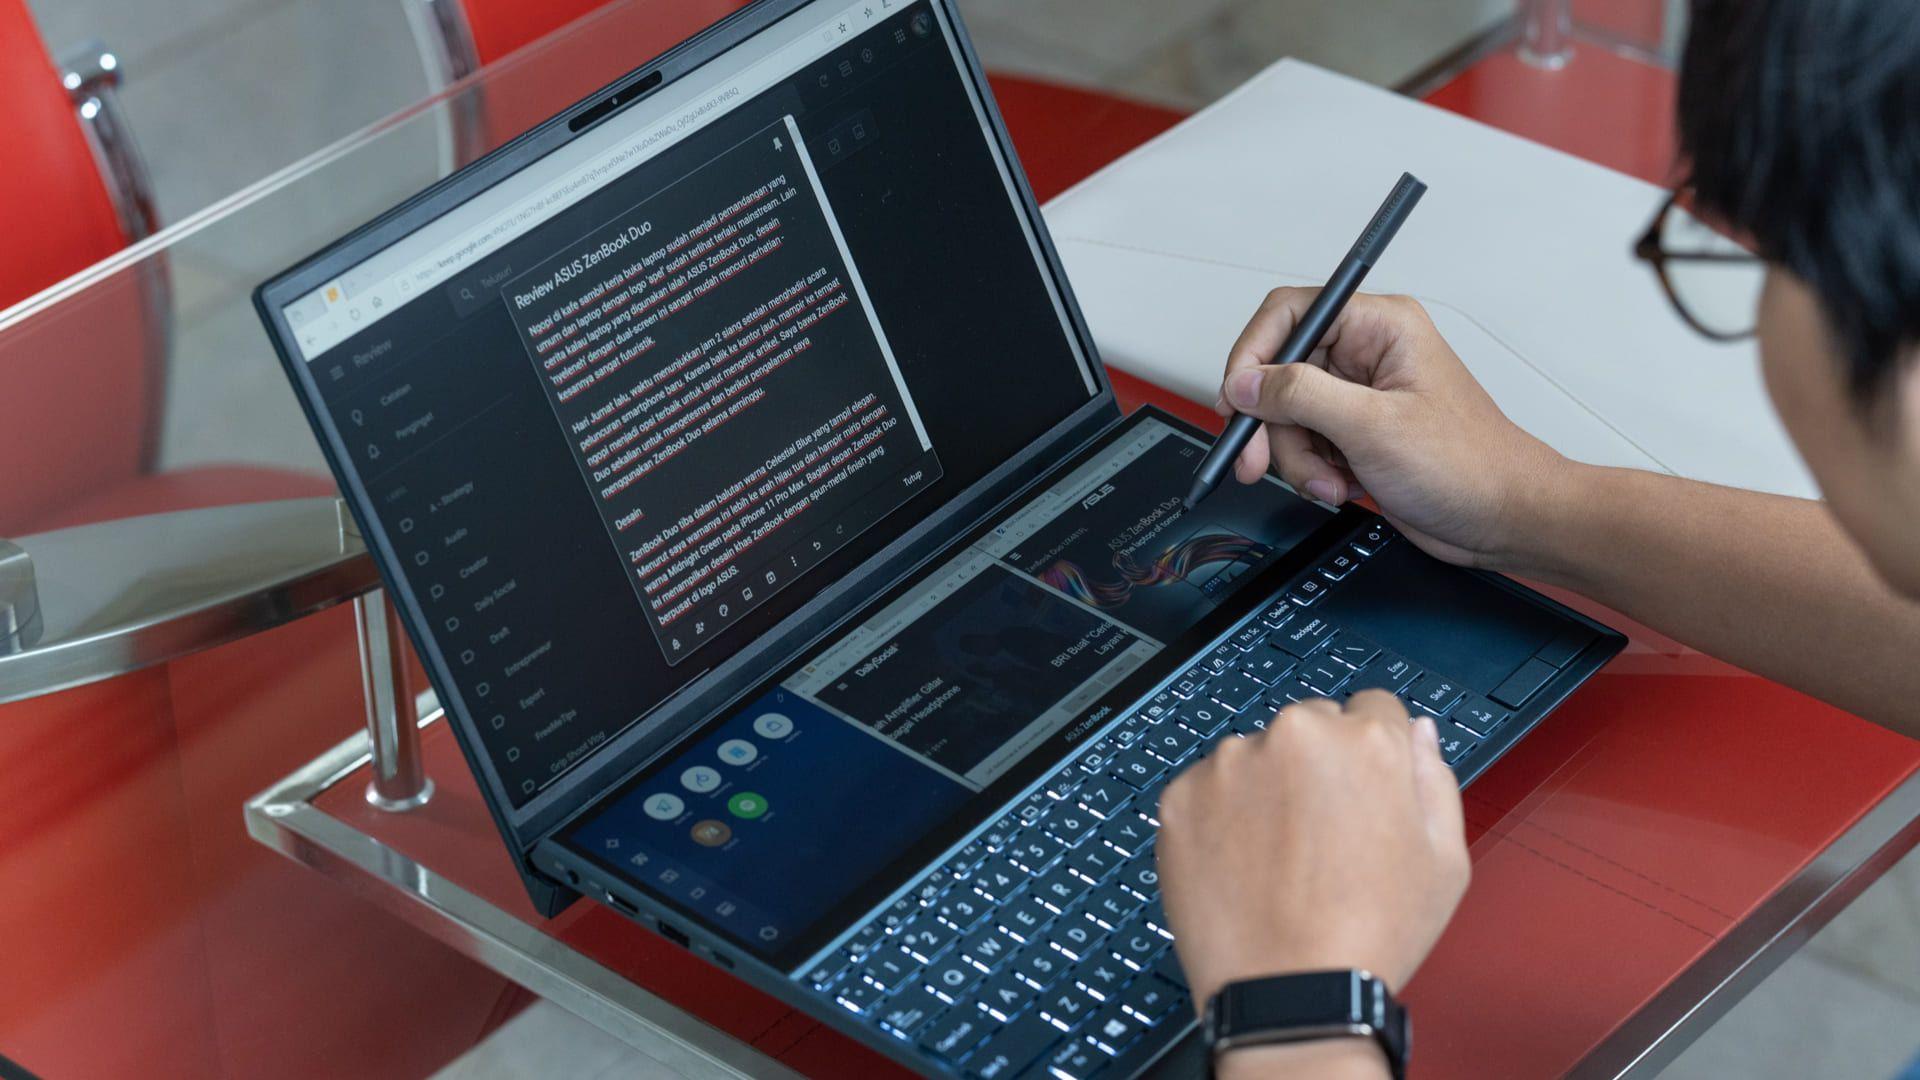 O Zenbook Pro Duo é um notebook i9 da Asus com duas telas. (Foto: Shutterstock)